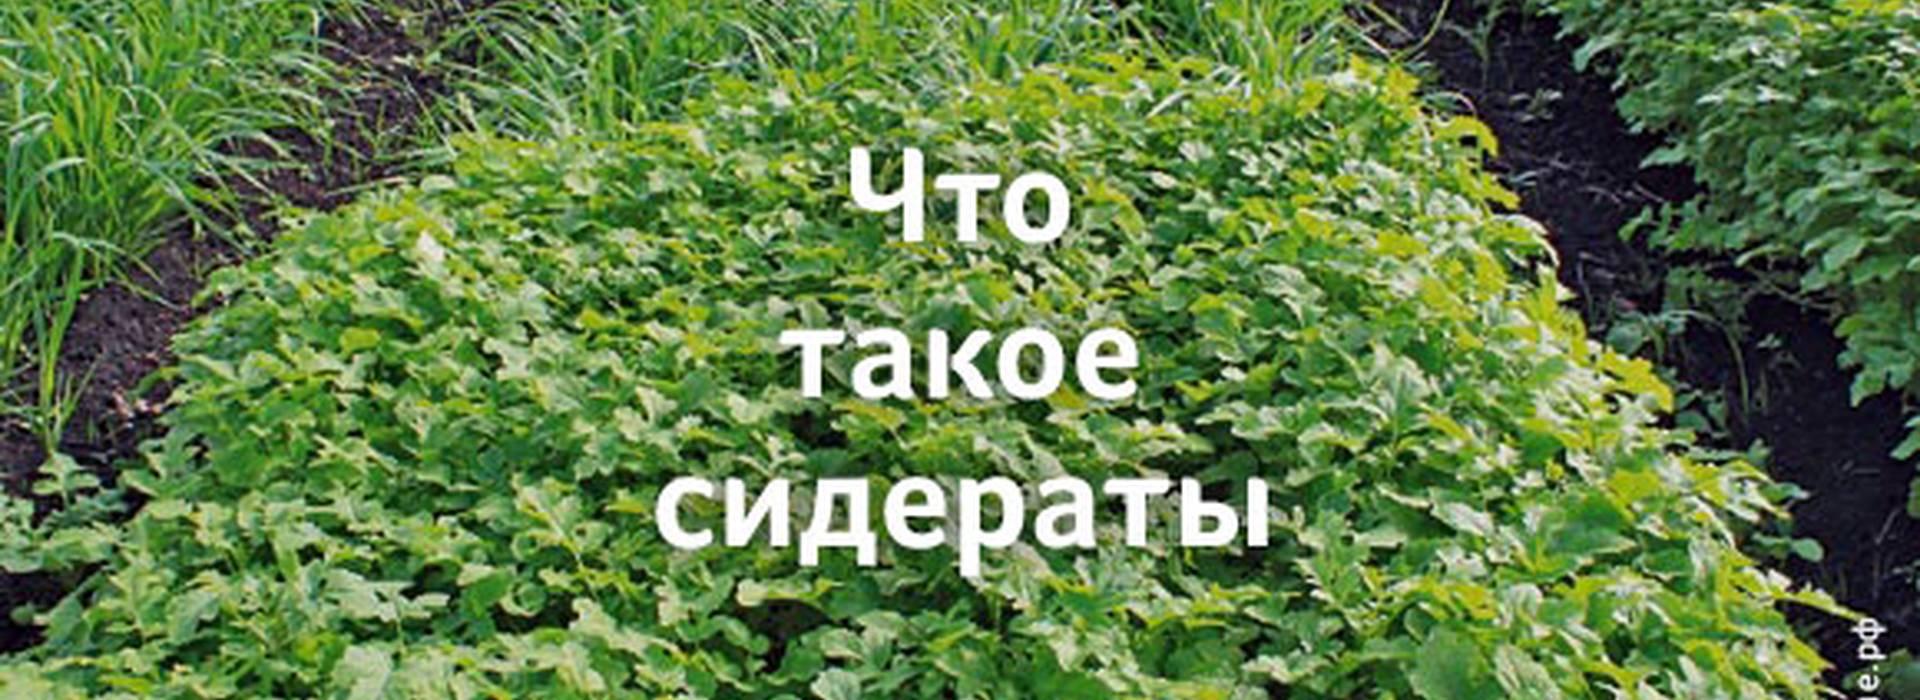 Сидераты (для огорода) 4 важных правила выбора сидератов